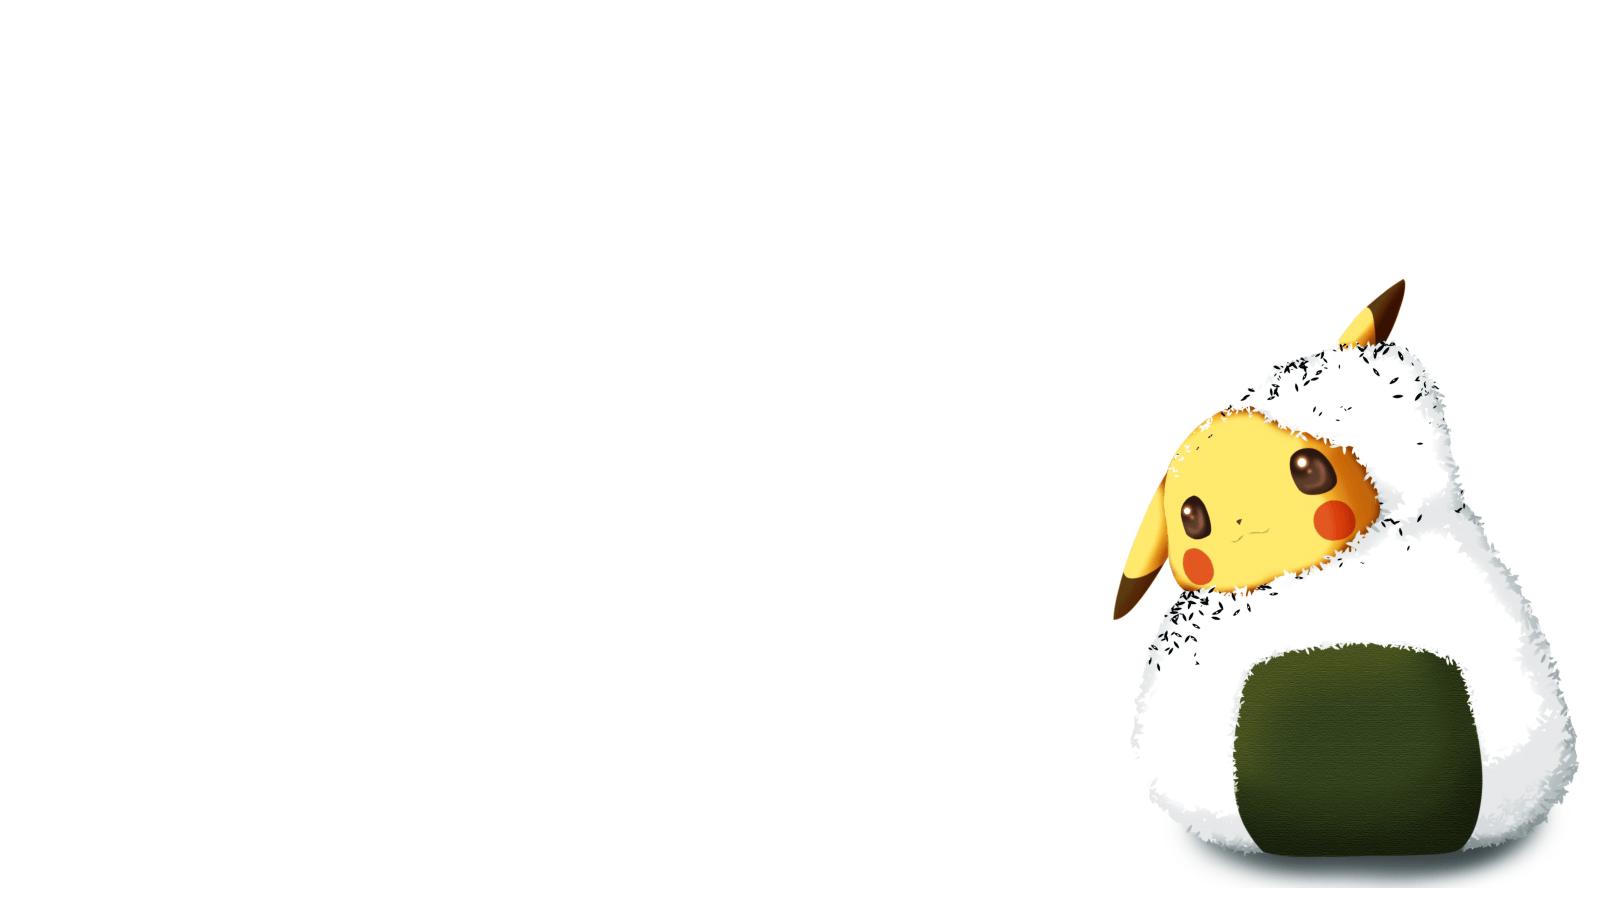 Hình nền Pokemon Pikachu 1600x900